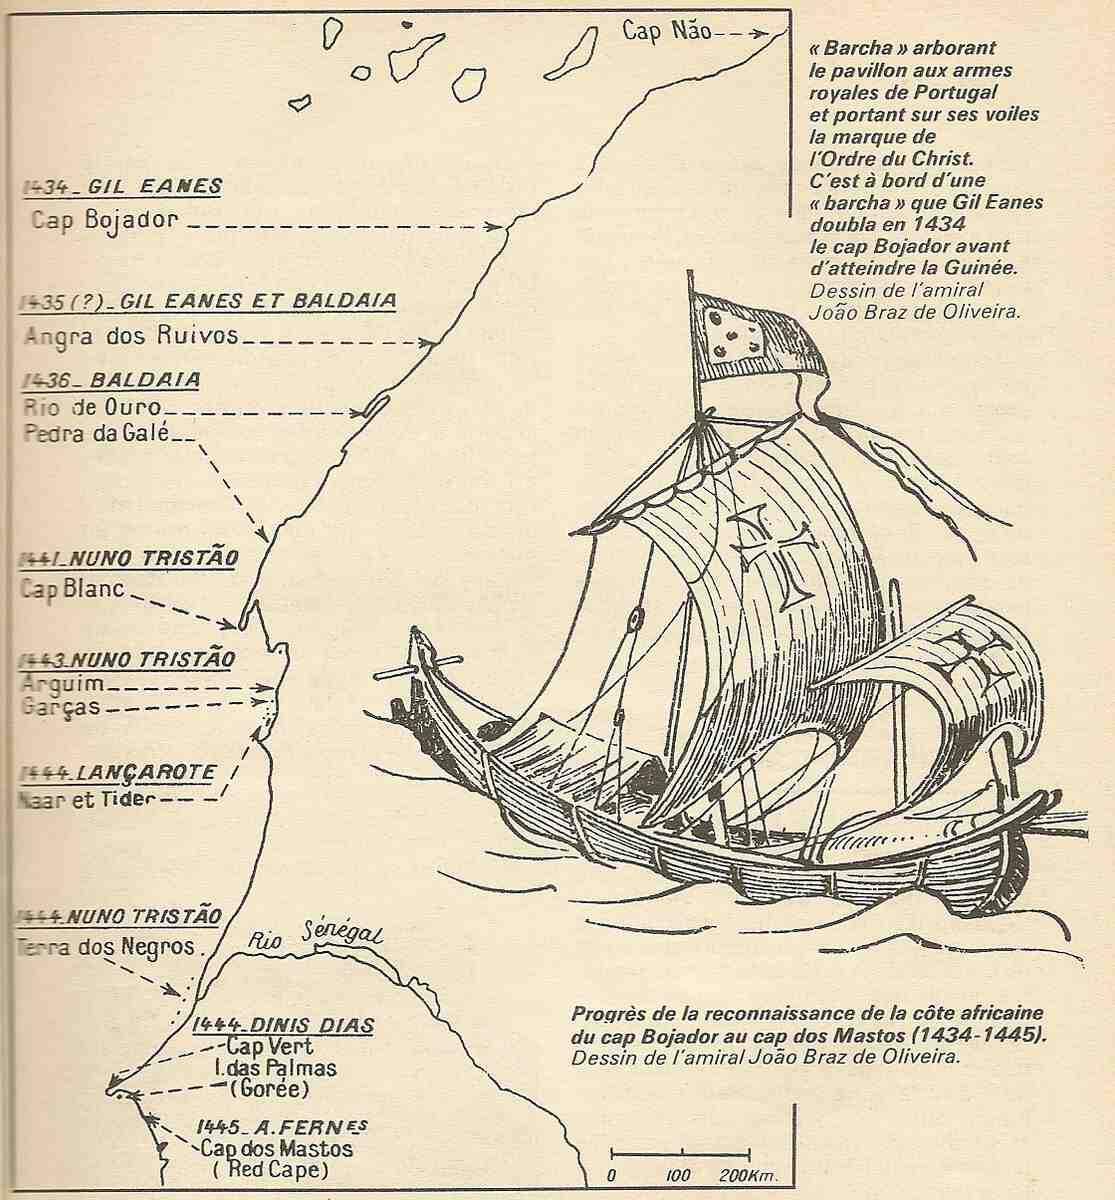 Quel navire ne faisait pas partie de l'équipage de Christophe Colomb quand il a découvert l'Amérique ?